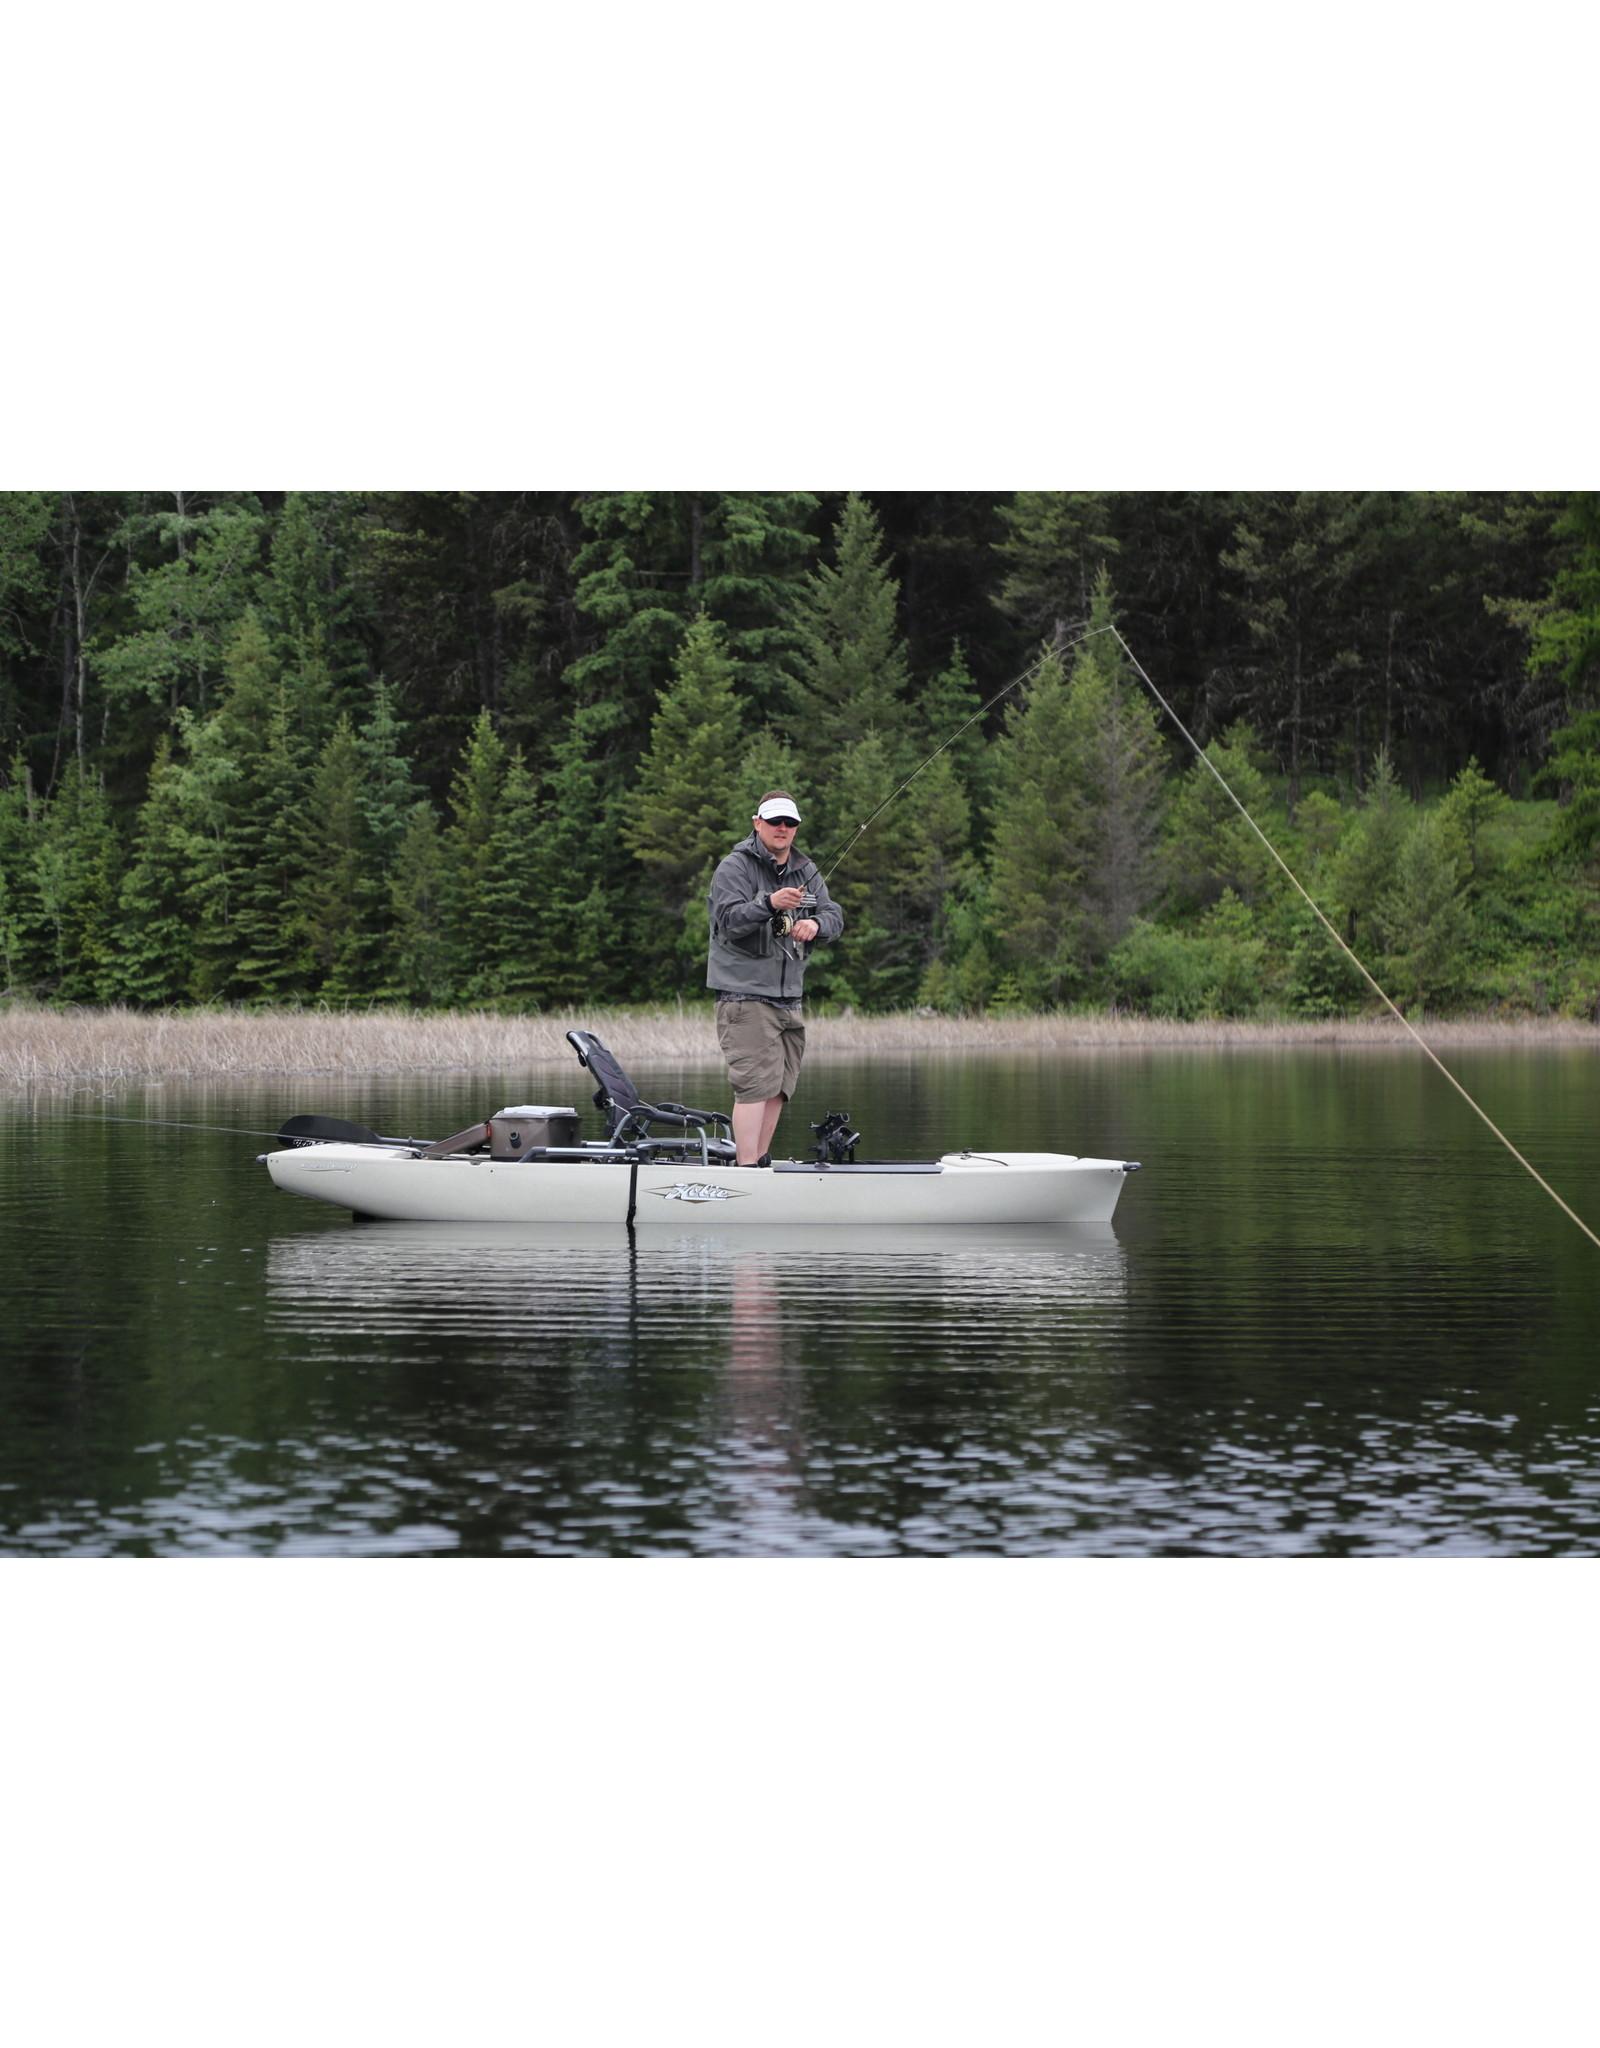 HOBIE FISHING KAYAK PRO ANGLER 12 - OLIVE (DEMO MODEL)